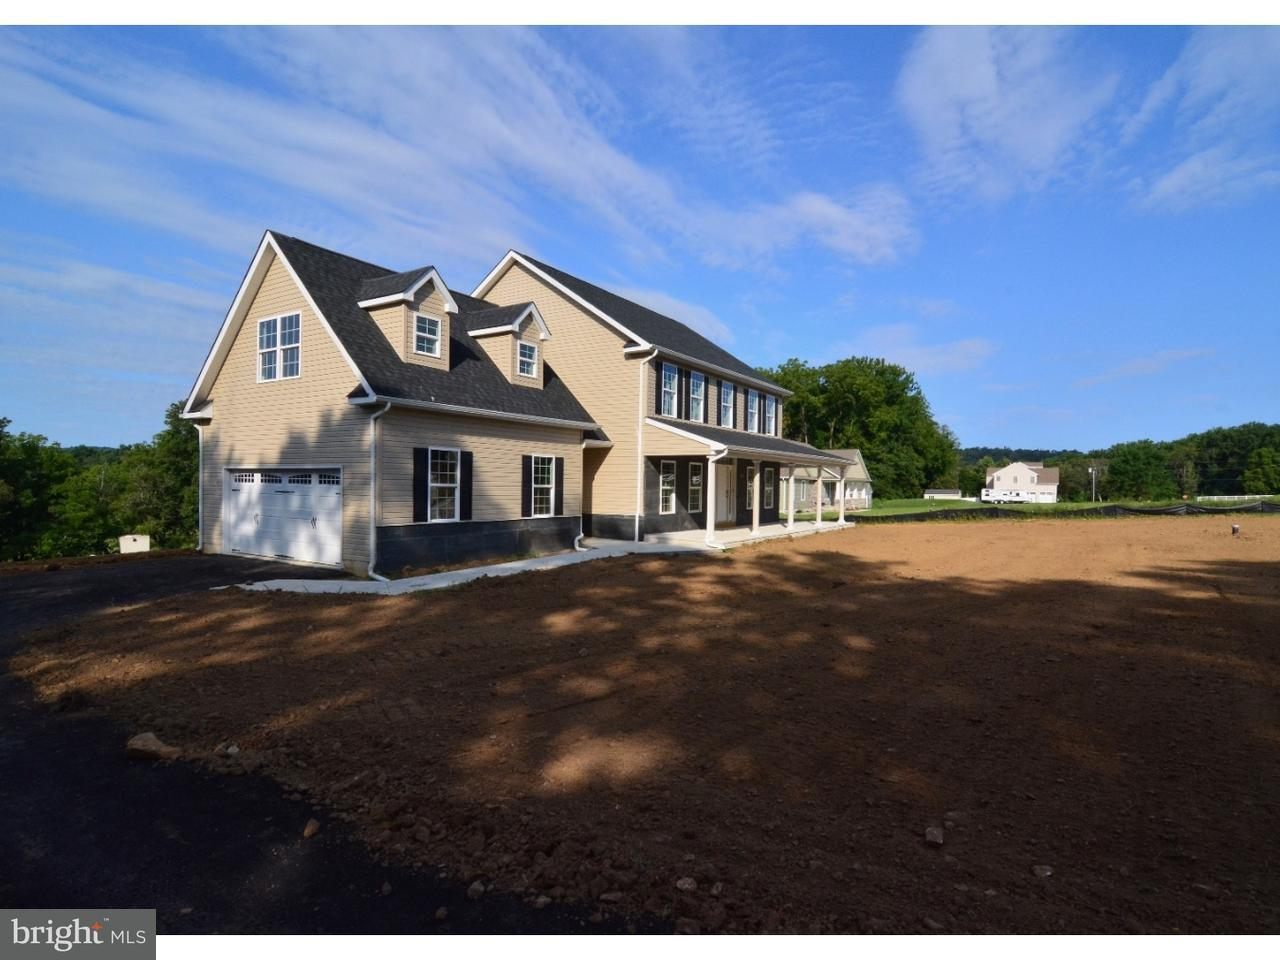 独户住宅 为 销售 在 26 JADE Lane Hereford, 宾夕法尼亚州 18056 美国